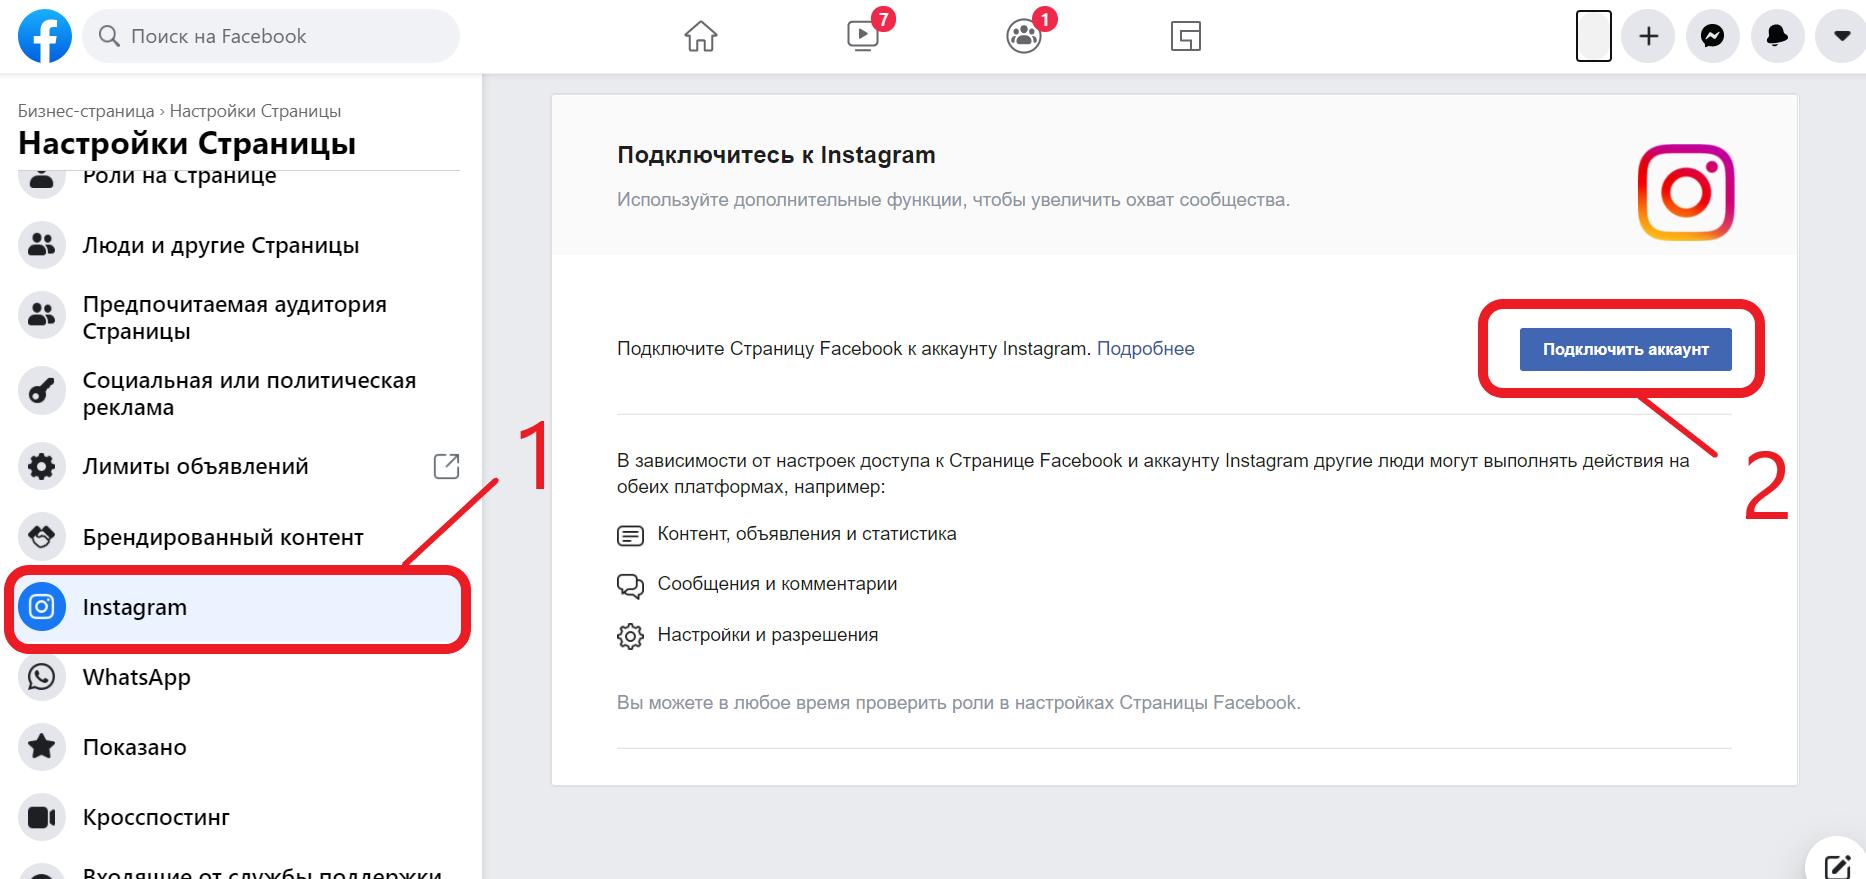 связь instagram со страницей facebook